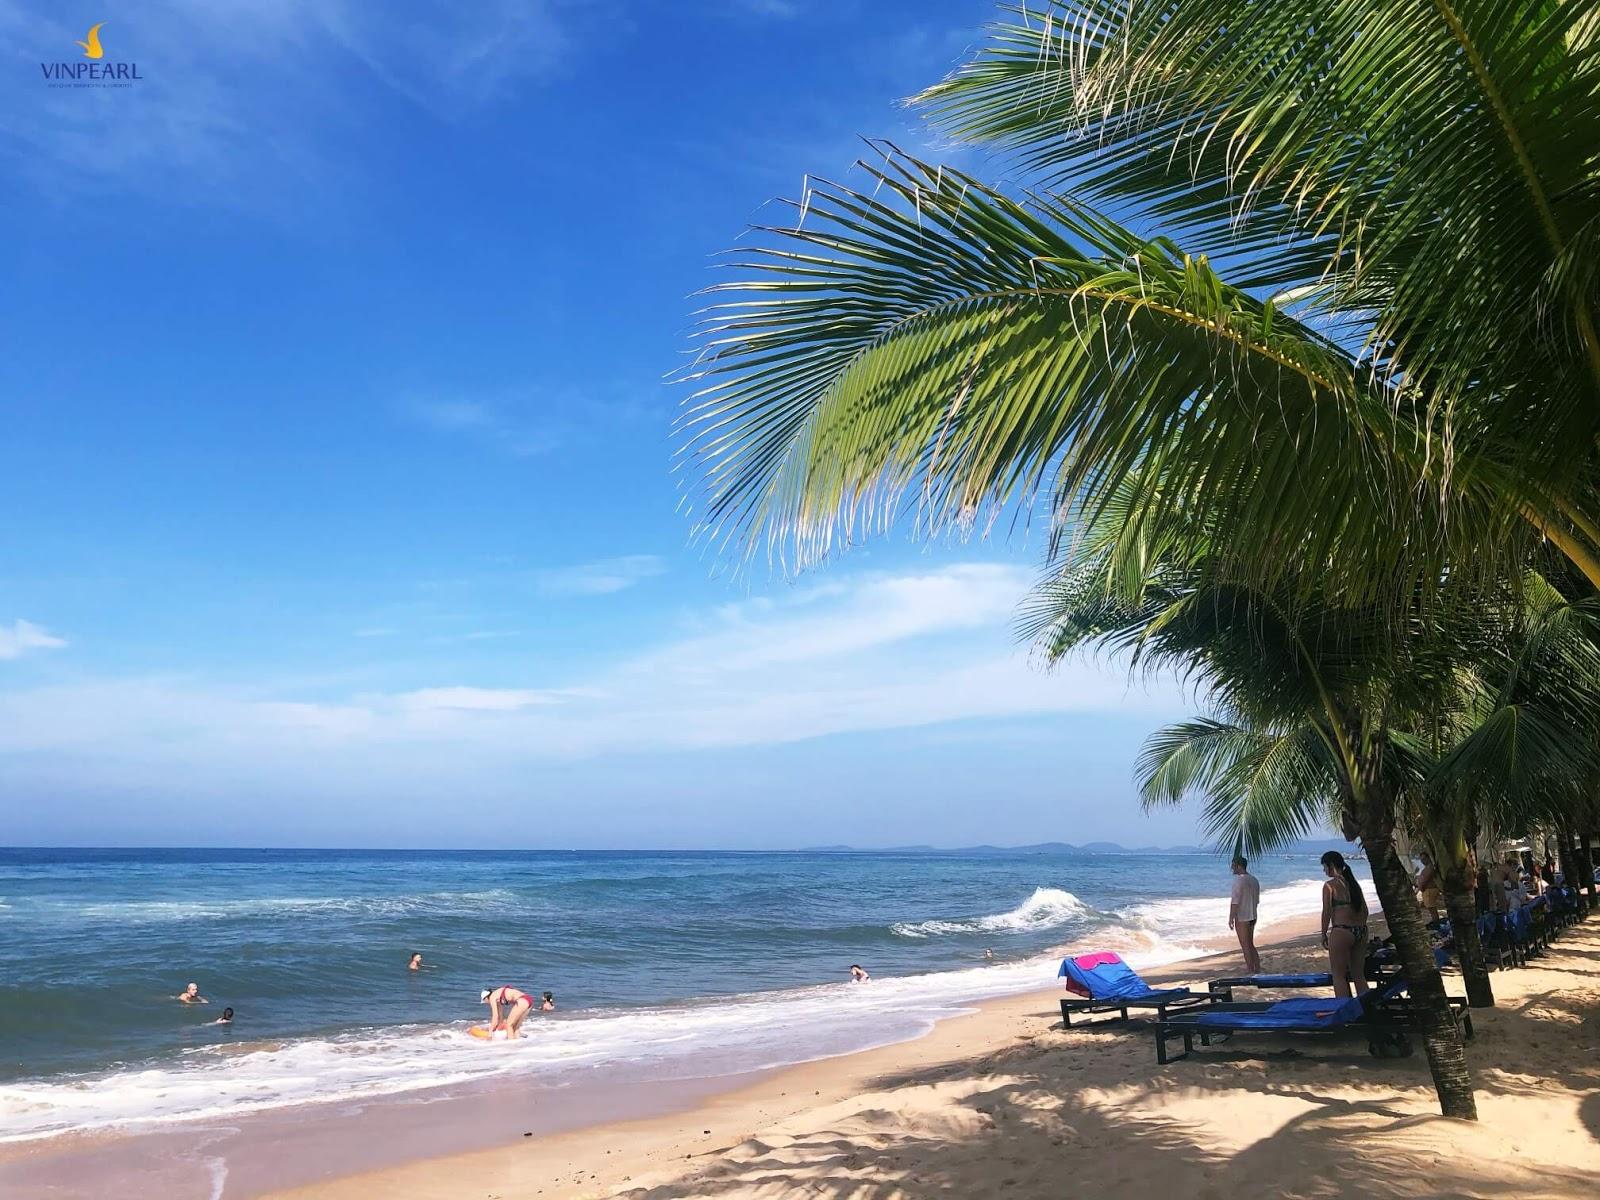 Bãi biển đảo Phú Quốc